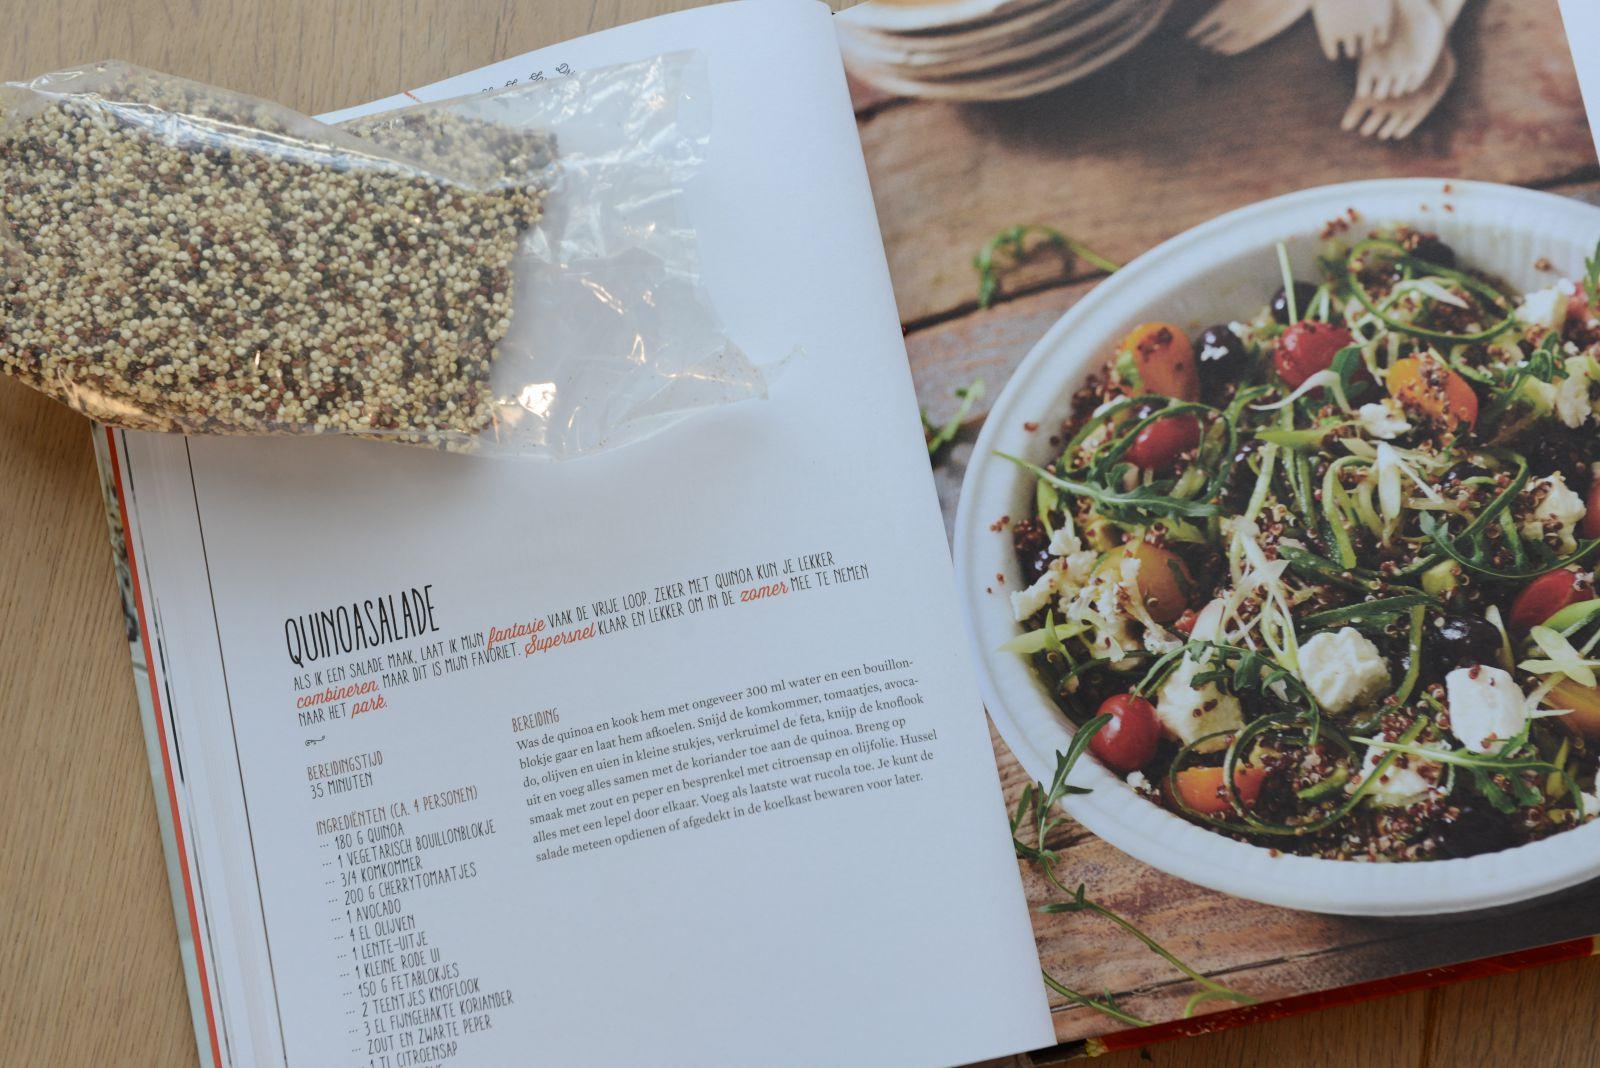 Rens Kroes, powerfood, review